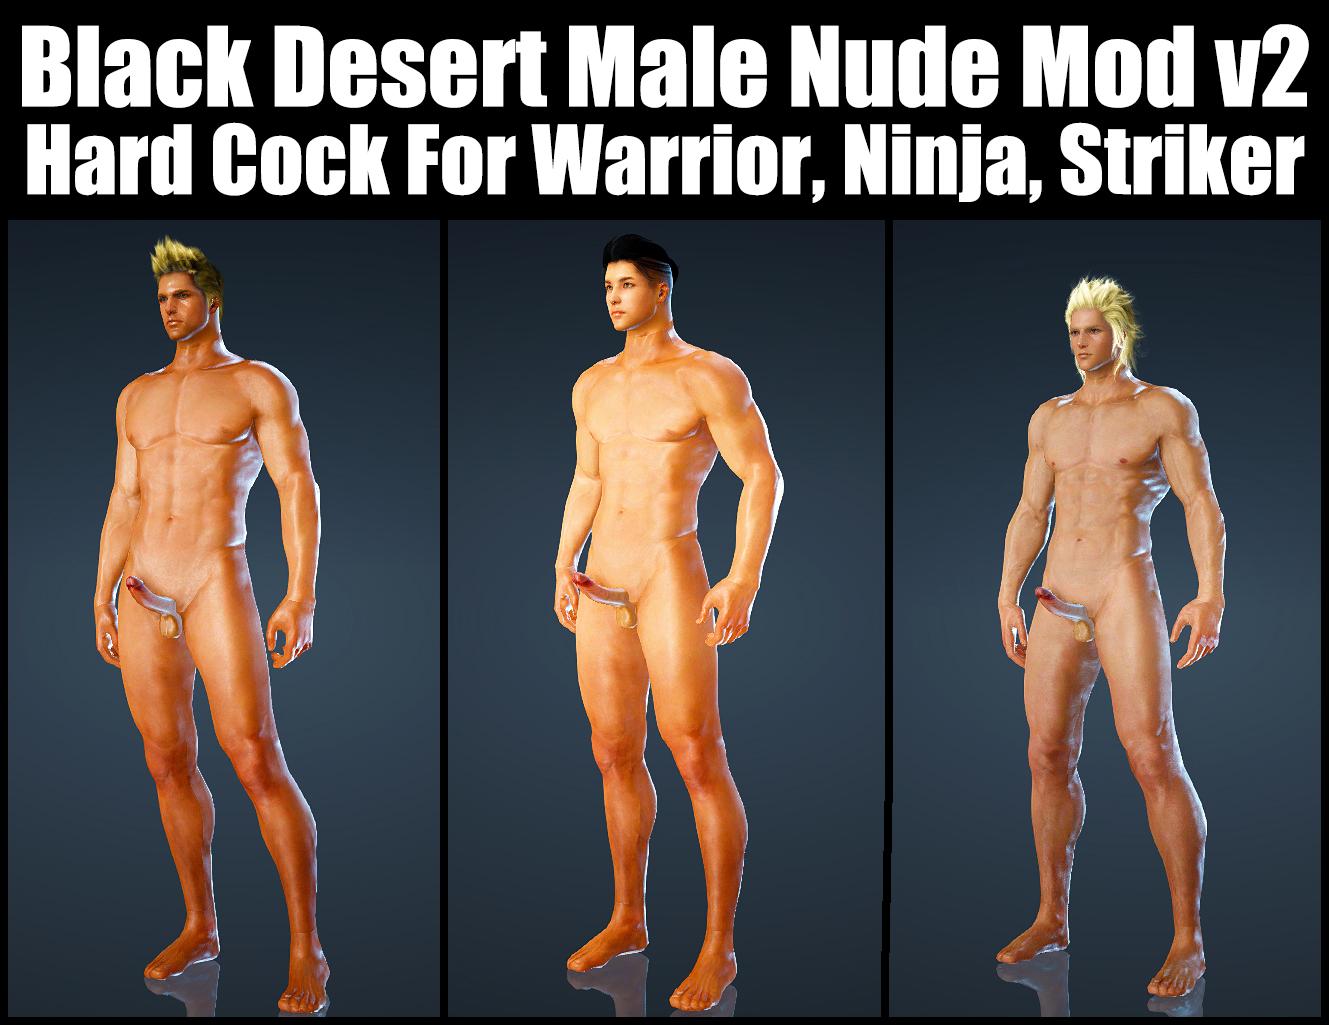 Black Desert Male Nude Mod V2 Hard Cock For Warrior, Ninja, Striker.jpg